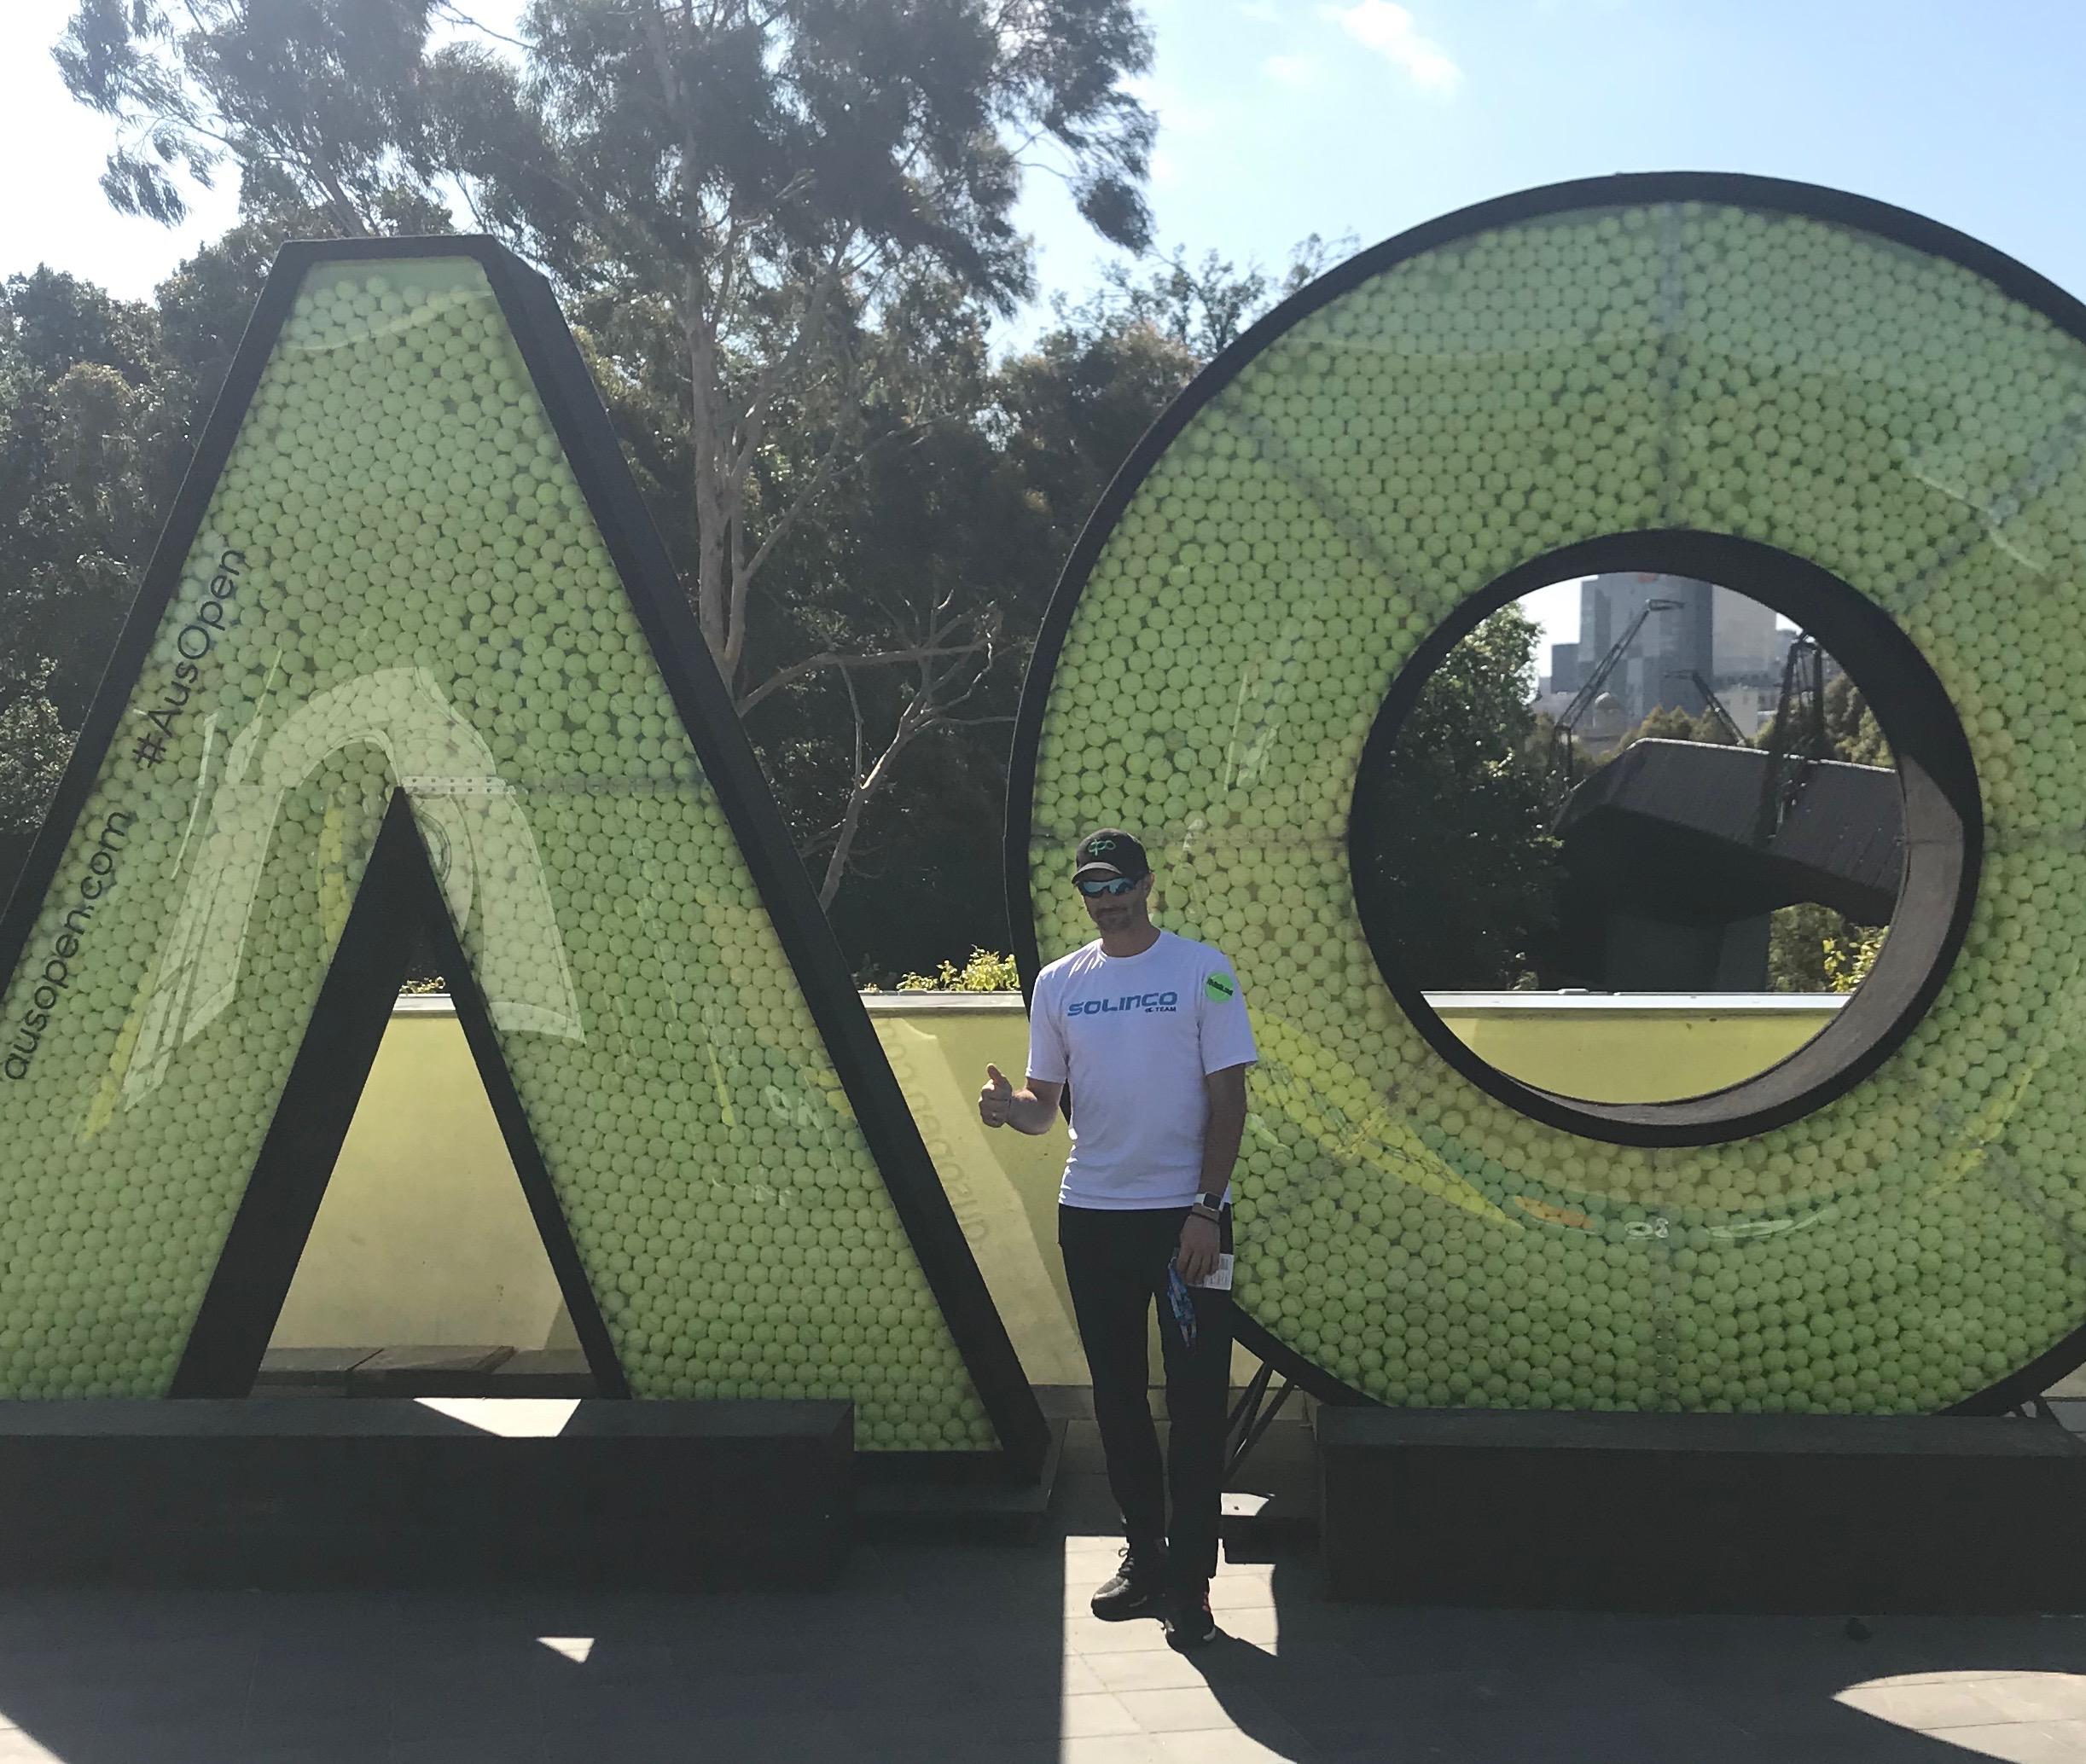 10sballs Ricky S Picks Predictions For 2019 Australian Open